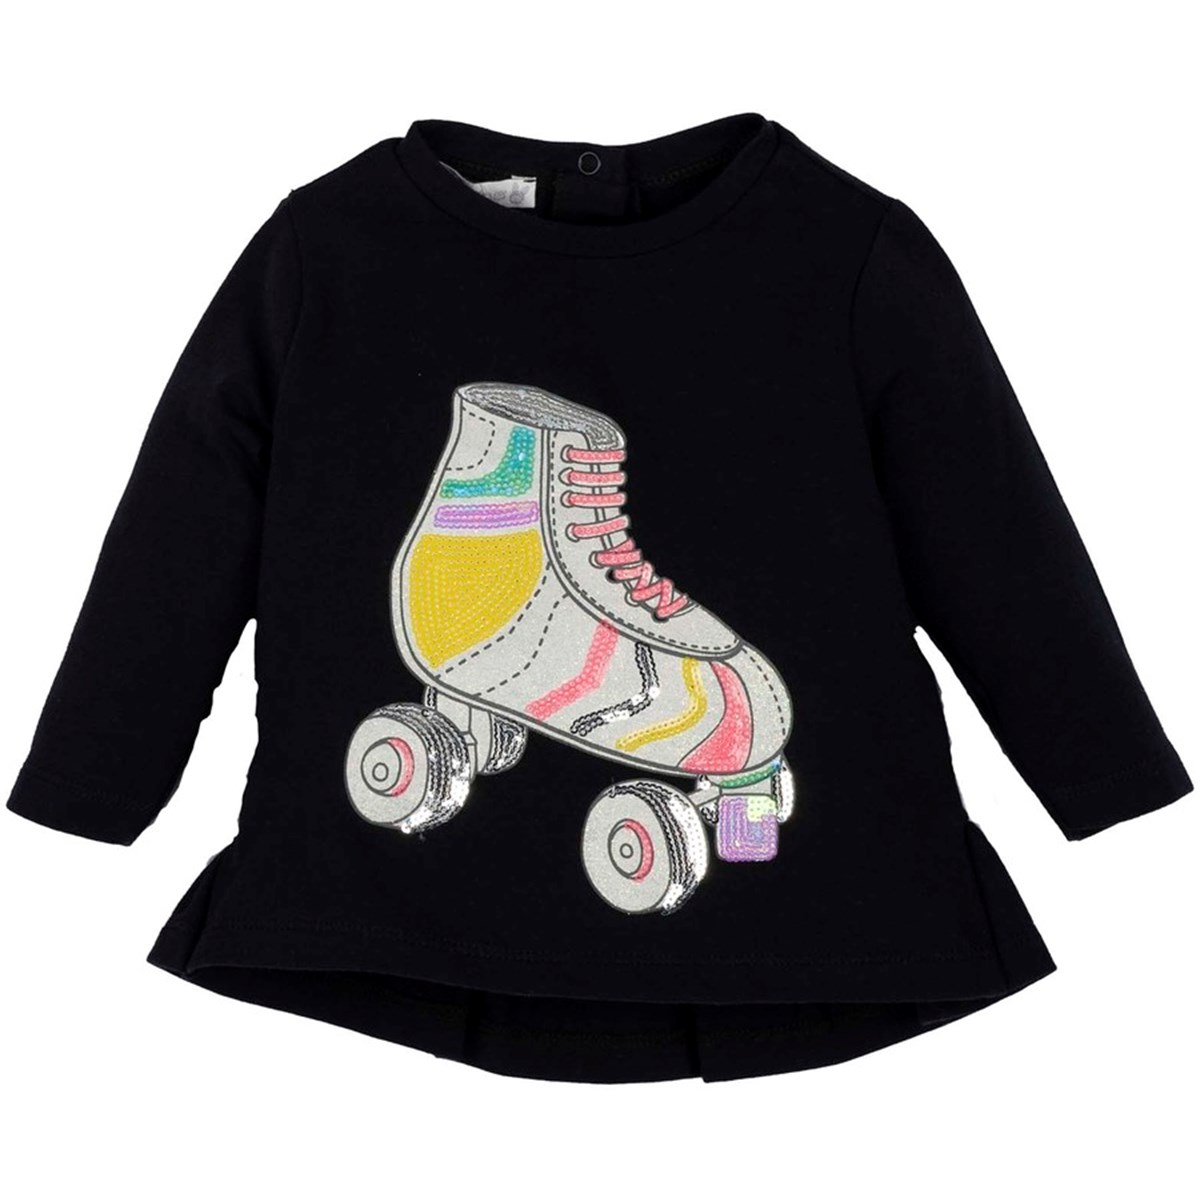 9283 T-Shirt 1